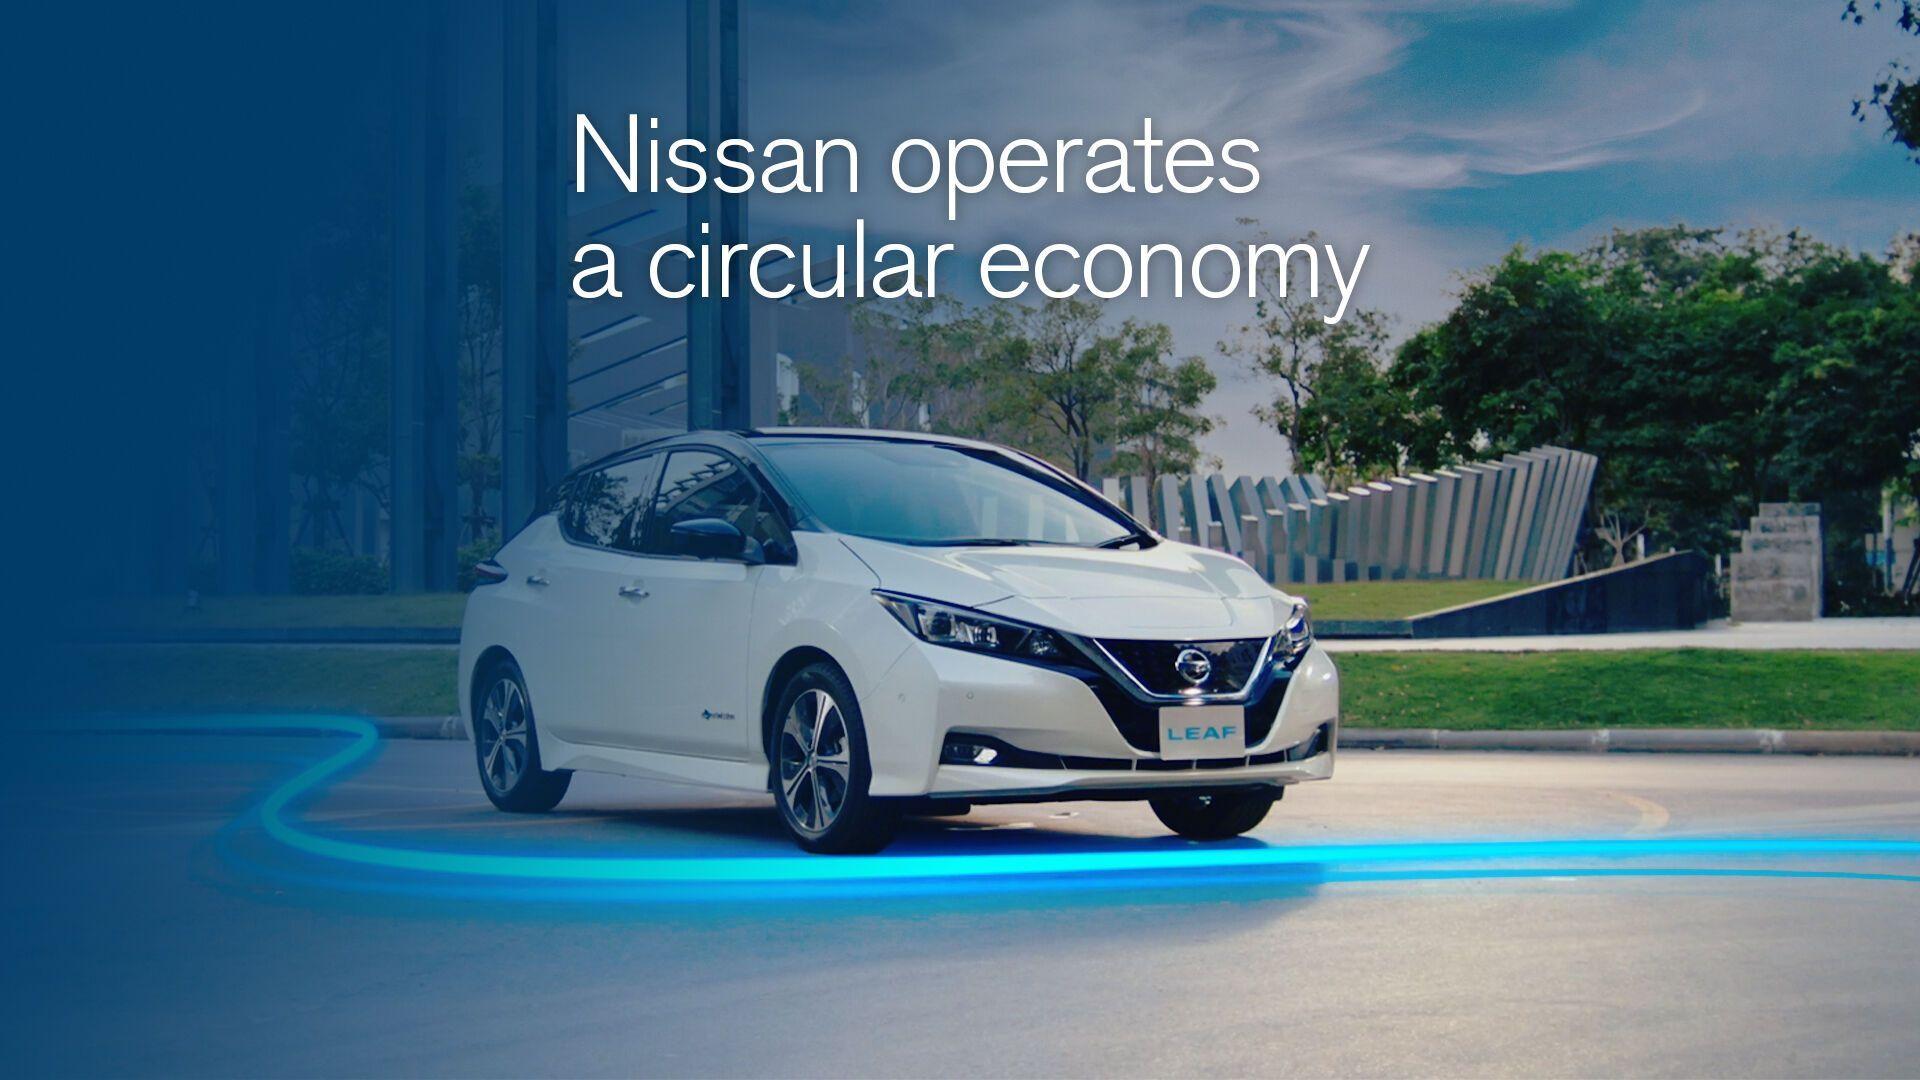 Leaf предлагает инновационные решения, призванные сделать электрическую мобильность удобной и более эмоциональной